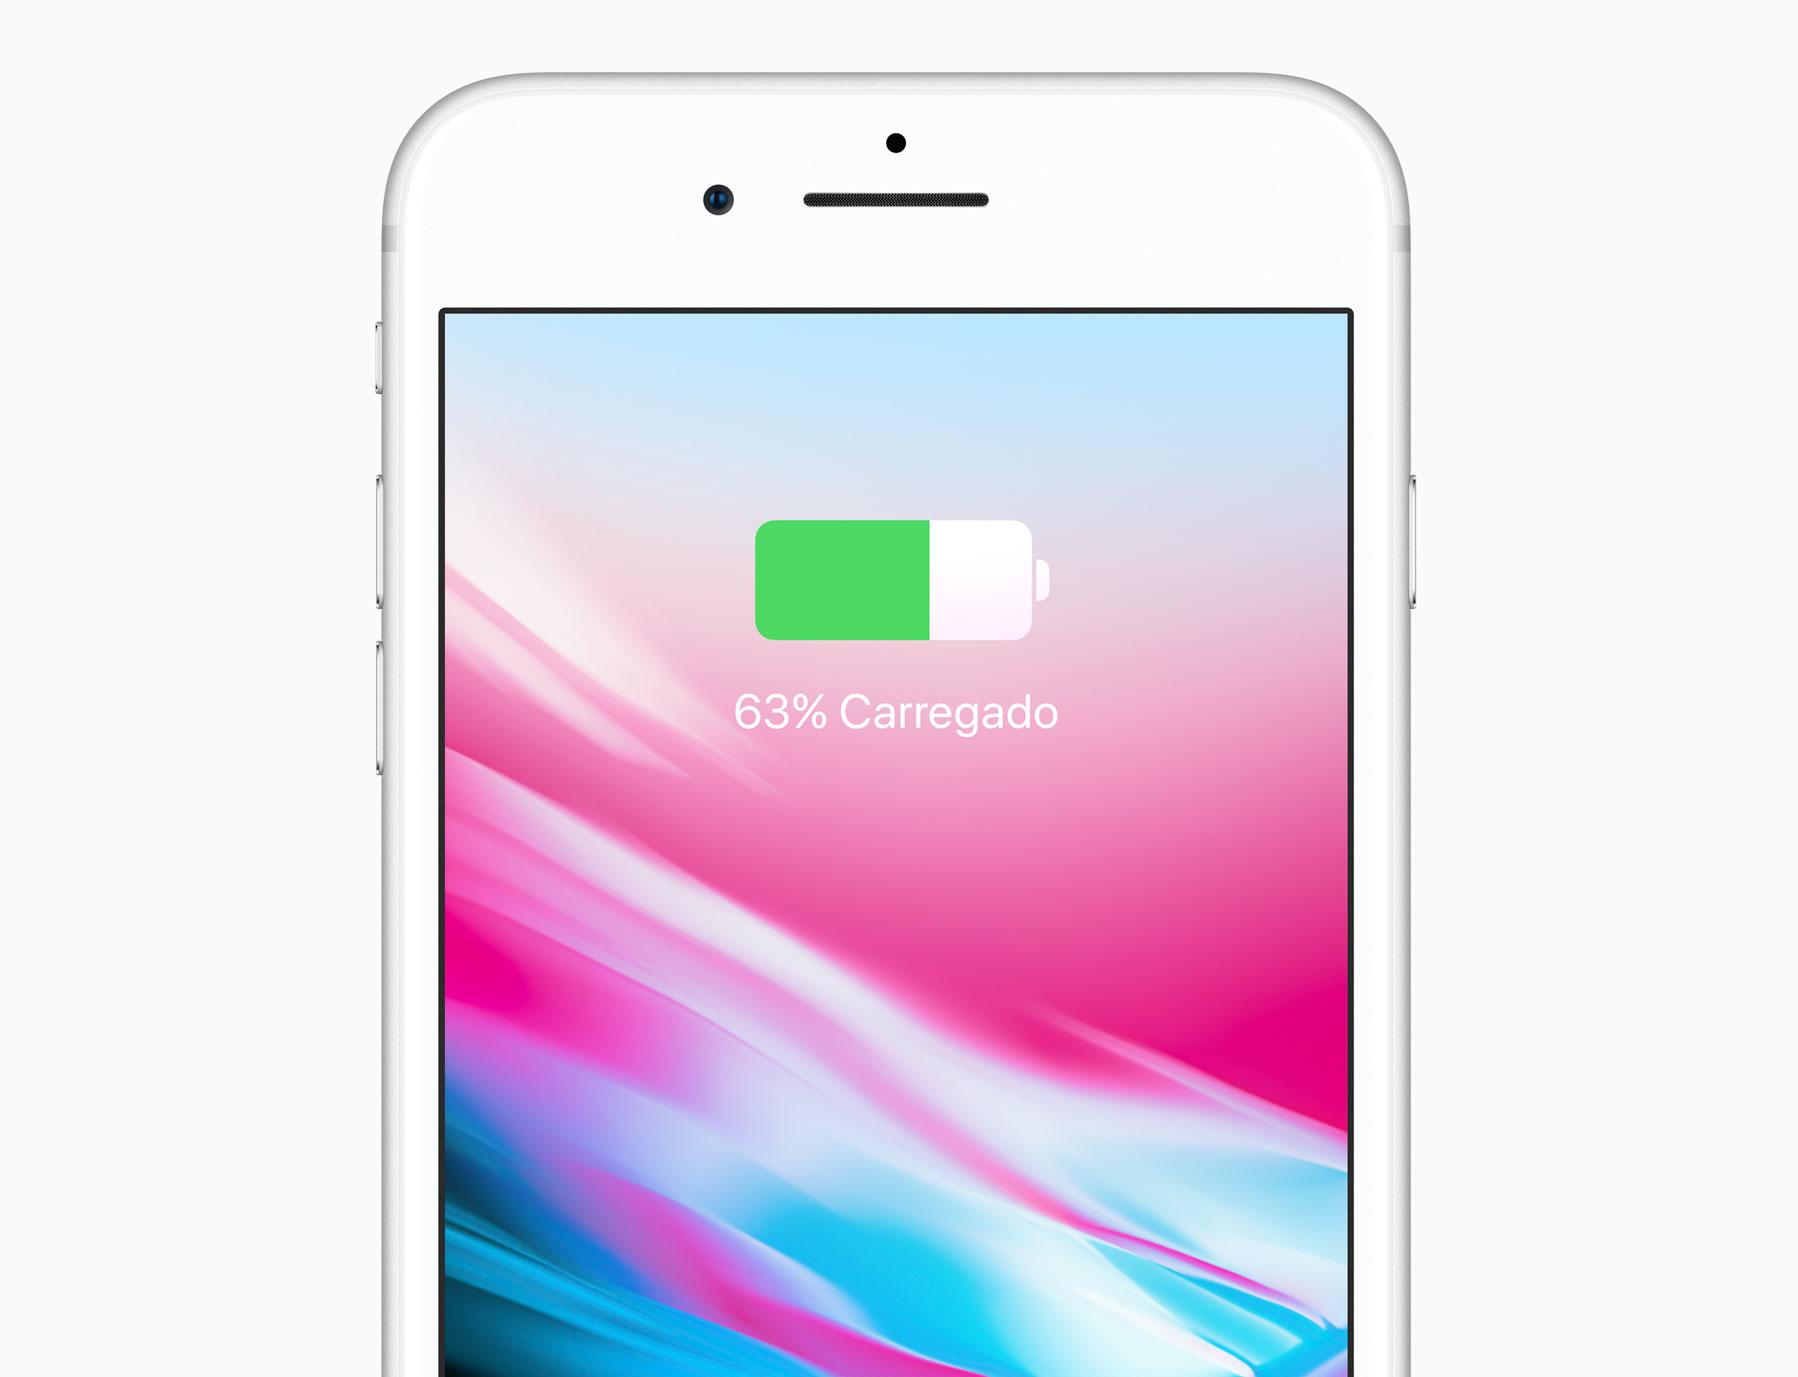 78fe40dc604 Bateria do iPhone 8 tem tamanho menor sem perder em autonomia » Blog do  iPhone